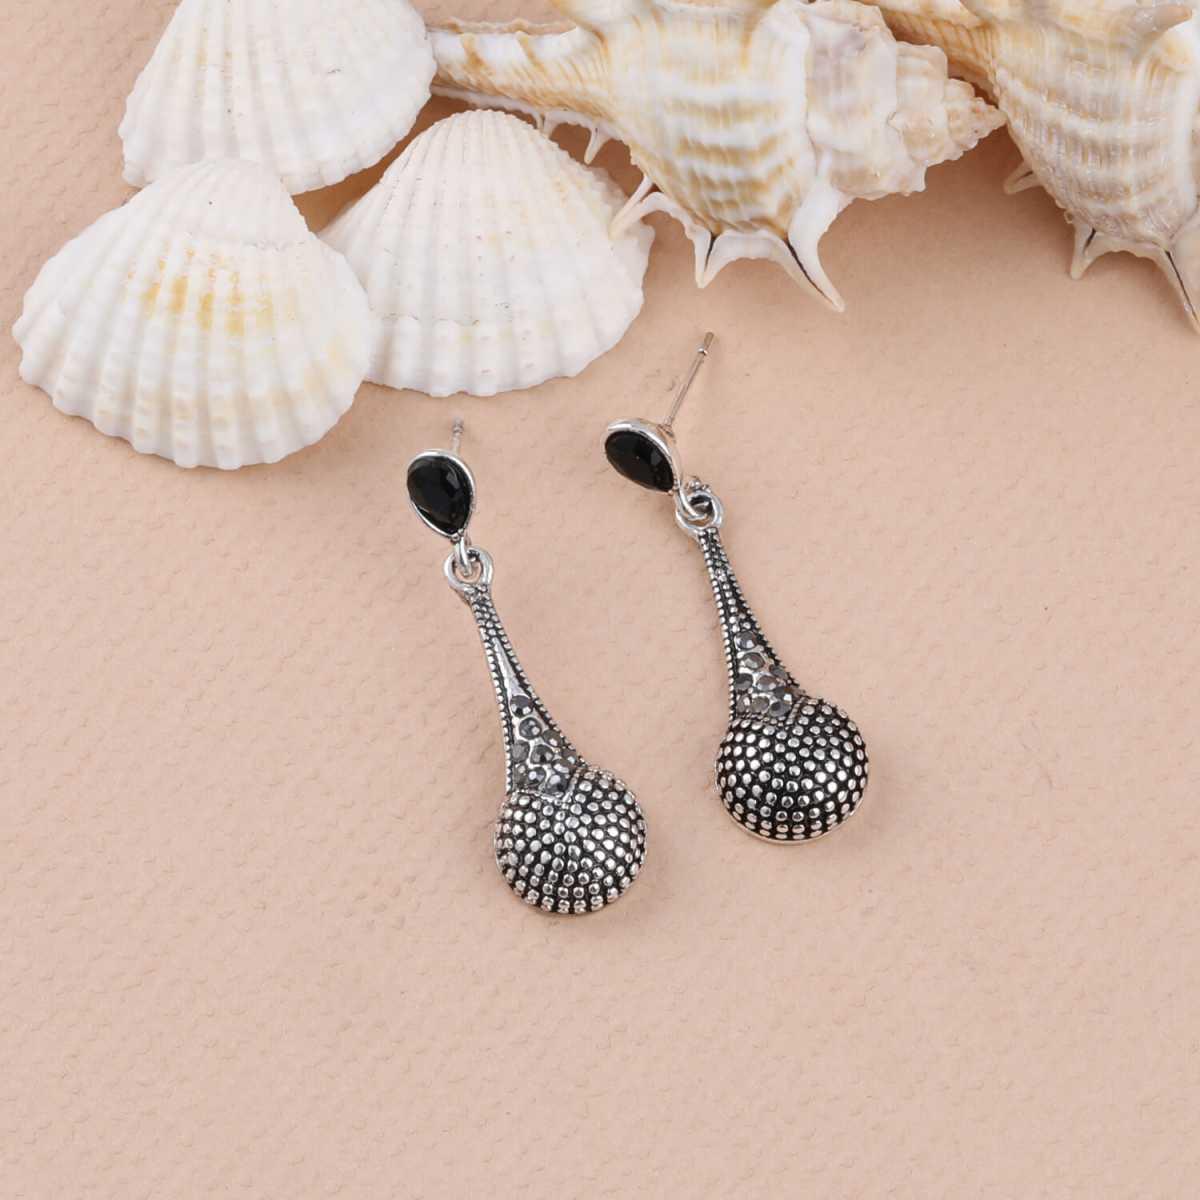 SILVER SHINE Party Wear Stylish Charm look  Dangle Earring For Women Girl